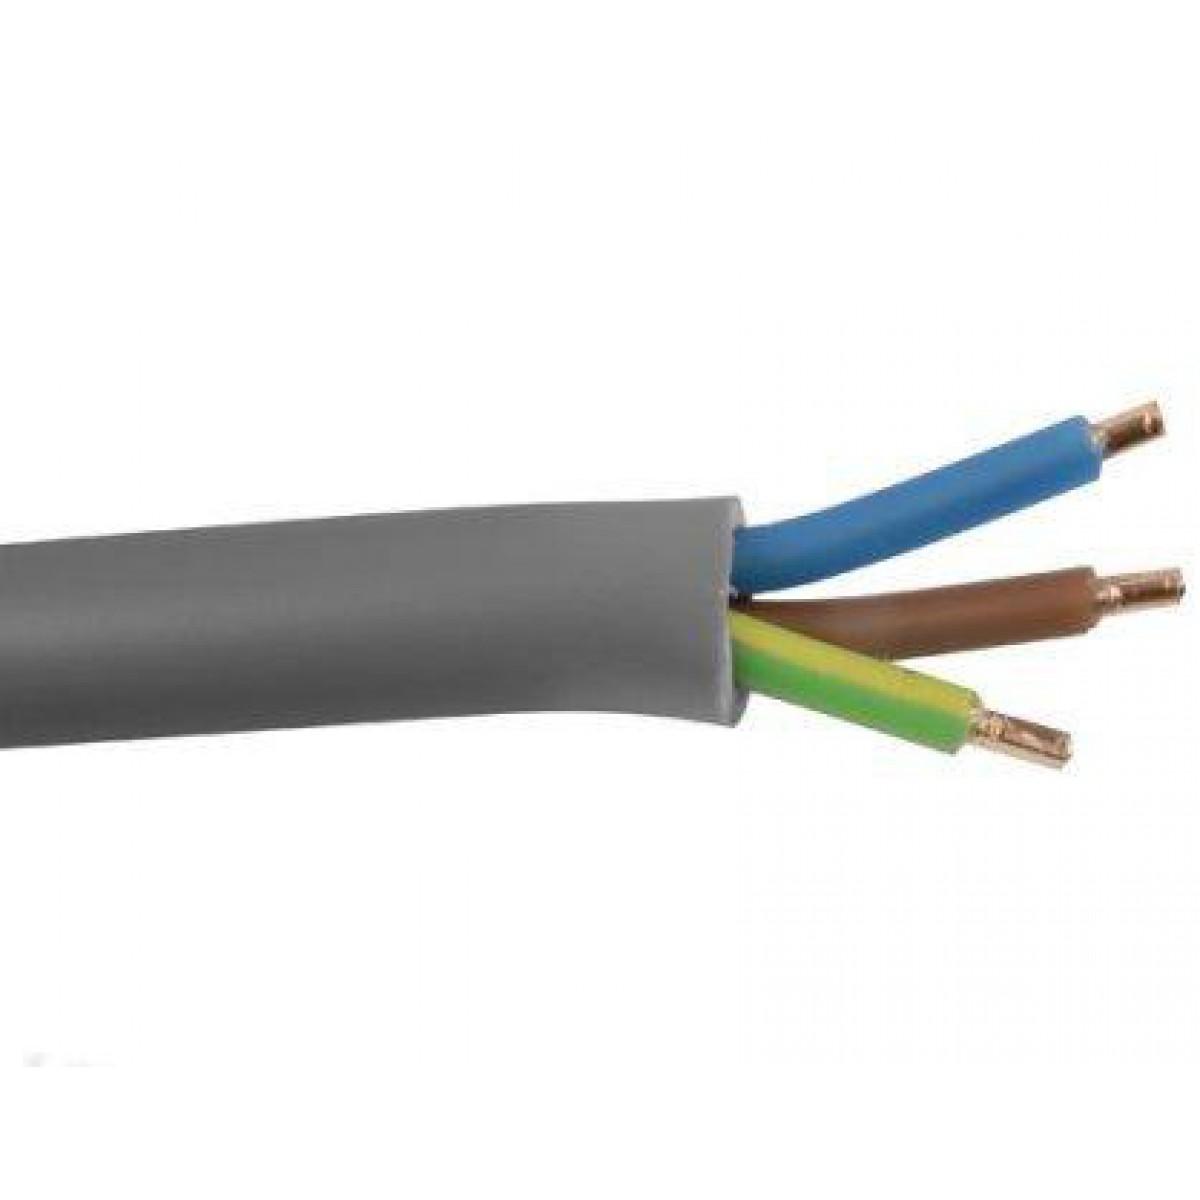 ymvk 3x2 5 mm dca installatiekabel kabel 100m. Black Bedroom Furniture Sets. Home Design Ideas